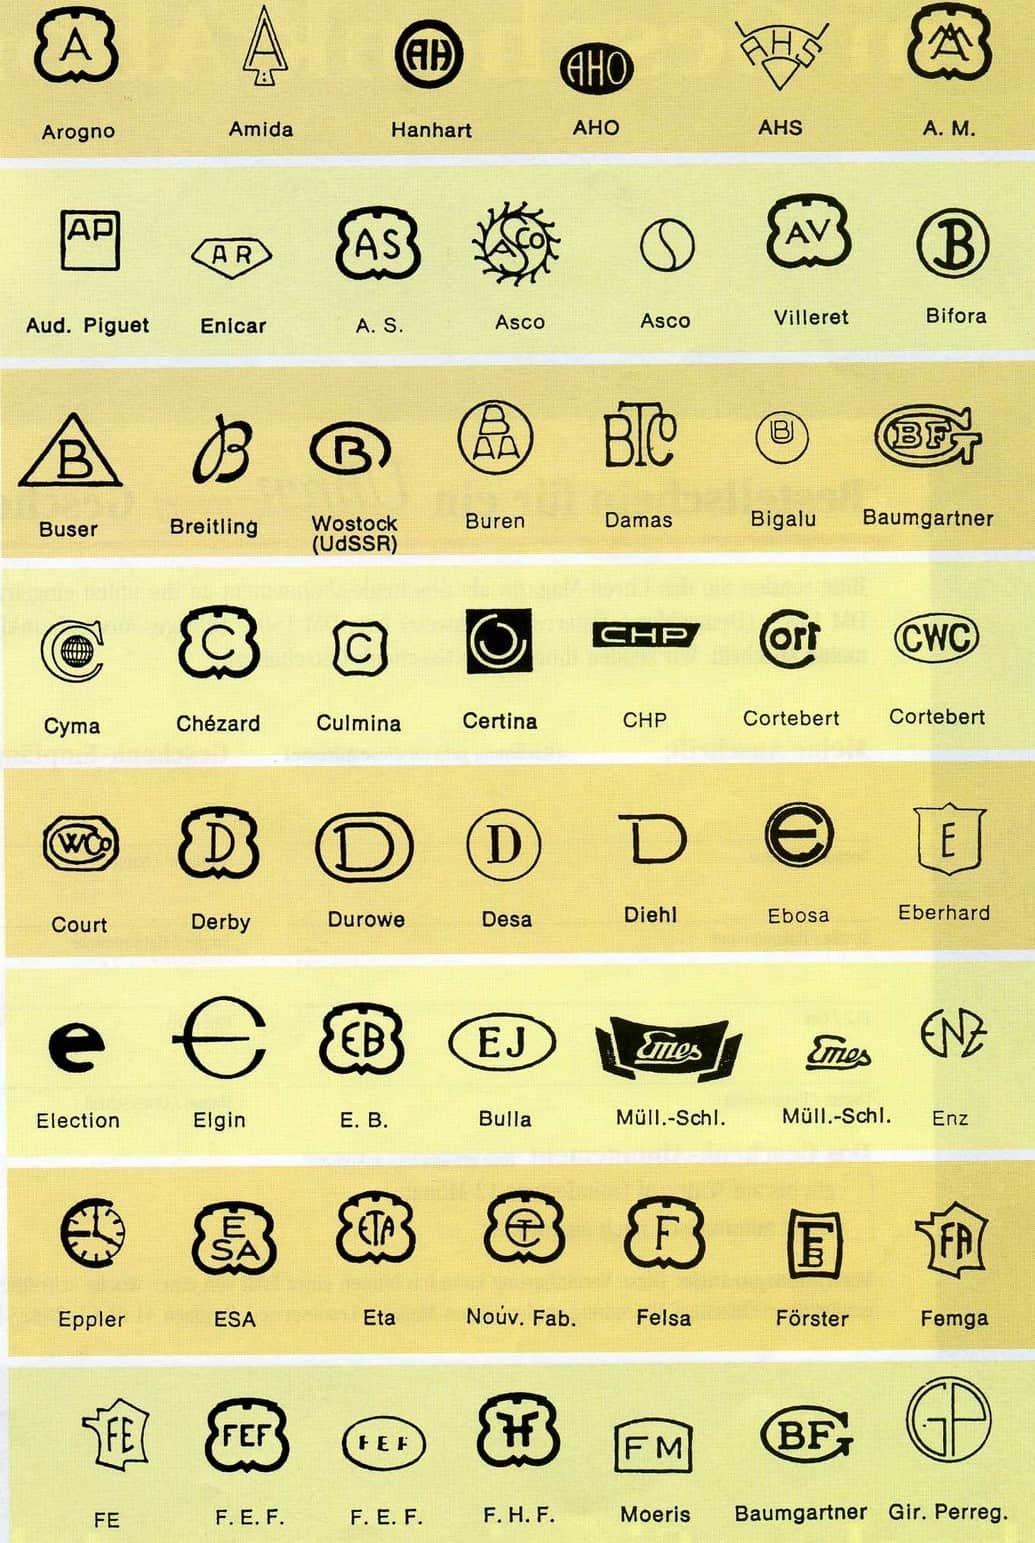 Die Ebauches SA Marken und ihre Markenzeichen auf den Rohwerken